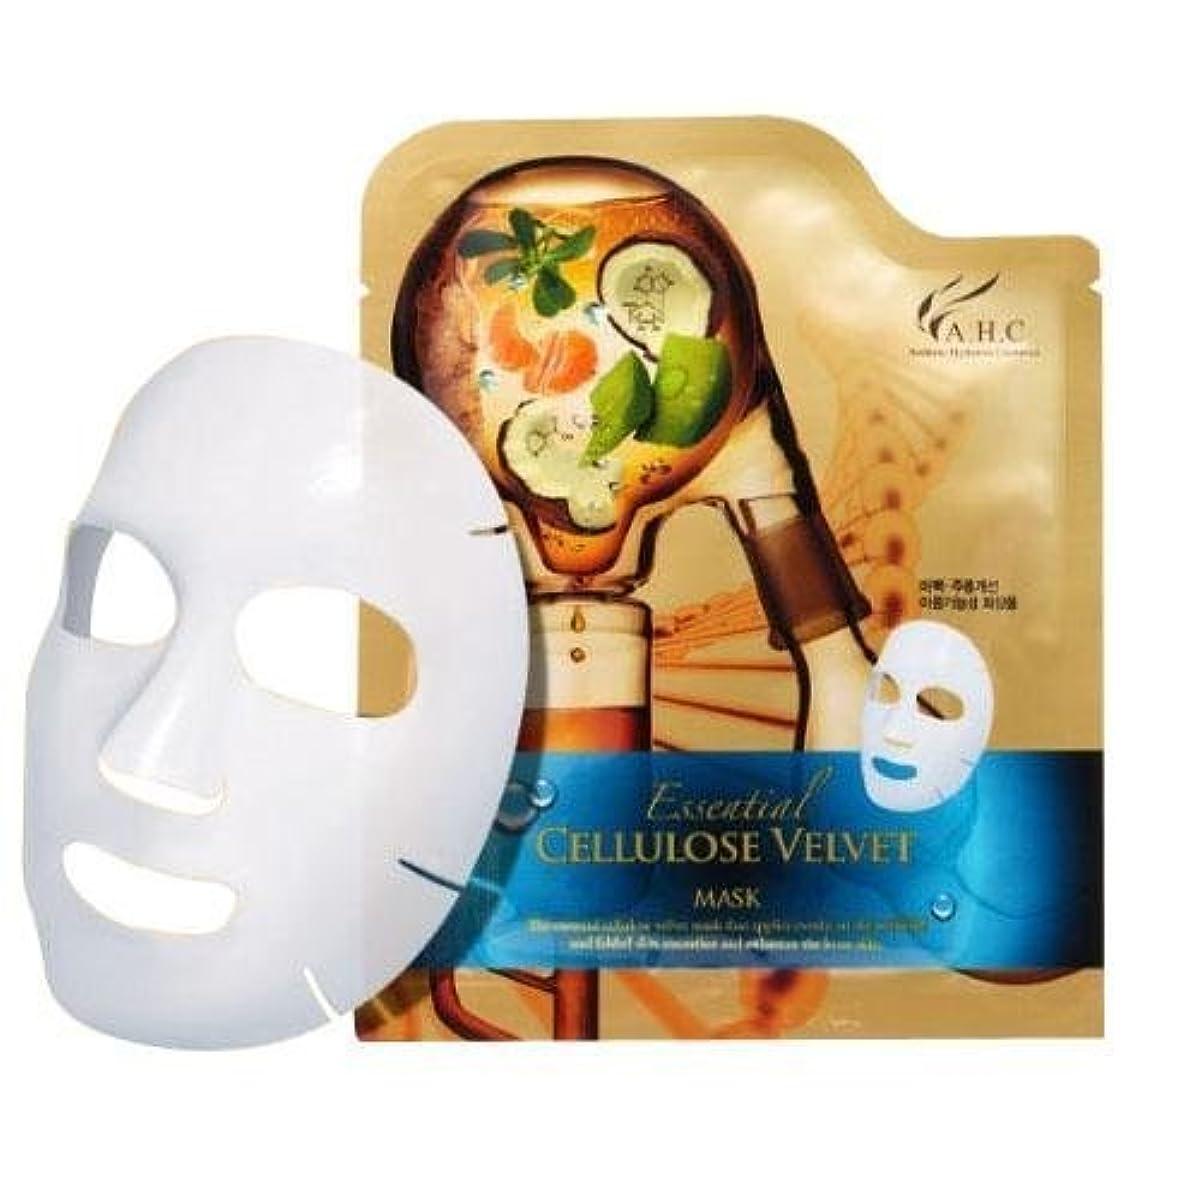 閉じる構造住人A.H.C Essencial Cellulose Velvet Mask (30g*1EA)/ Made in Korea